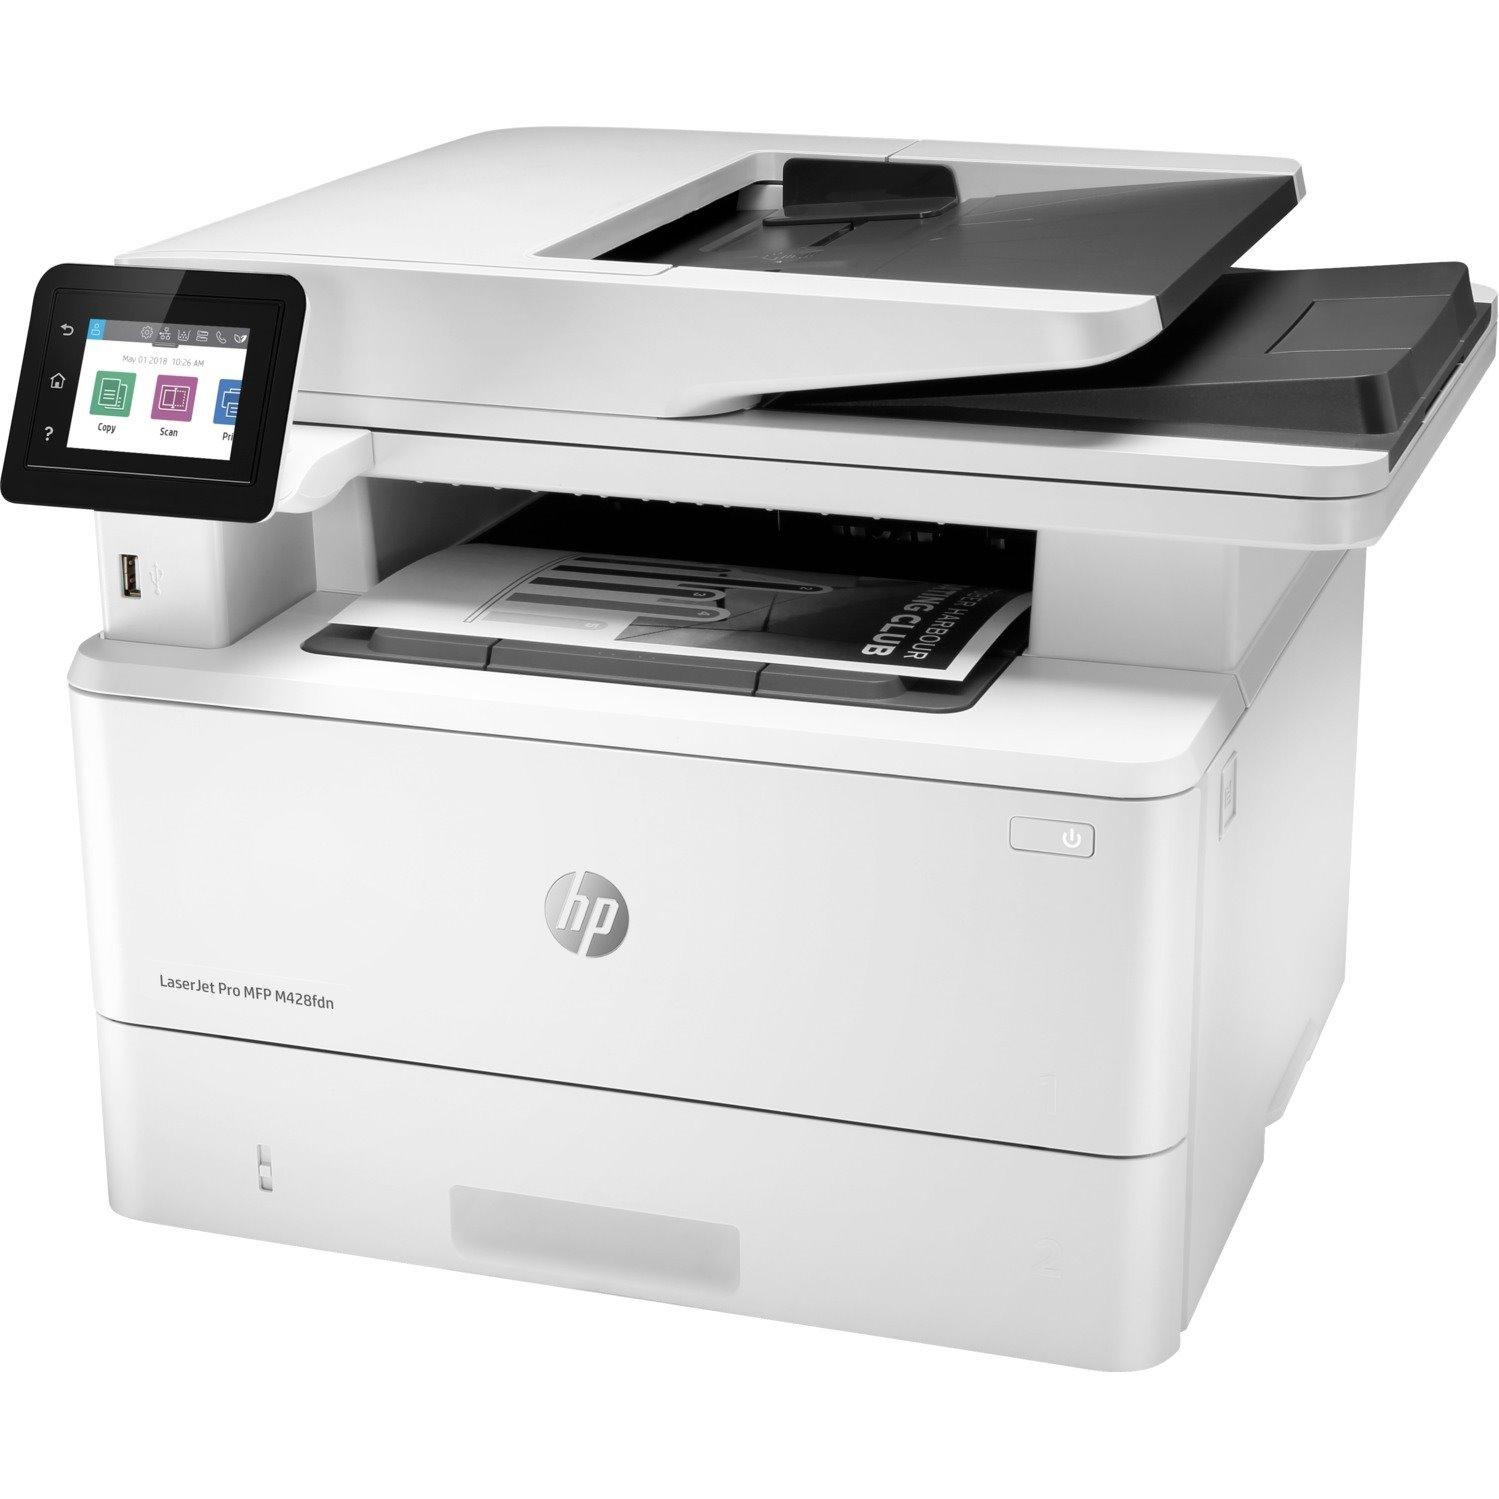 HP LaserJet Pro M428f M428fdn Laser Multifunction Printer - Monochrome